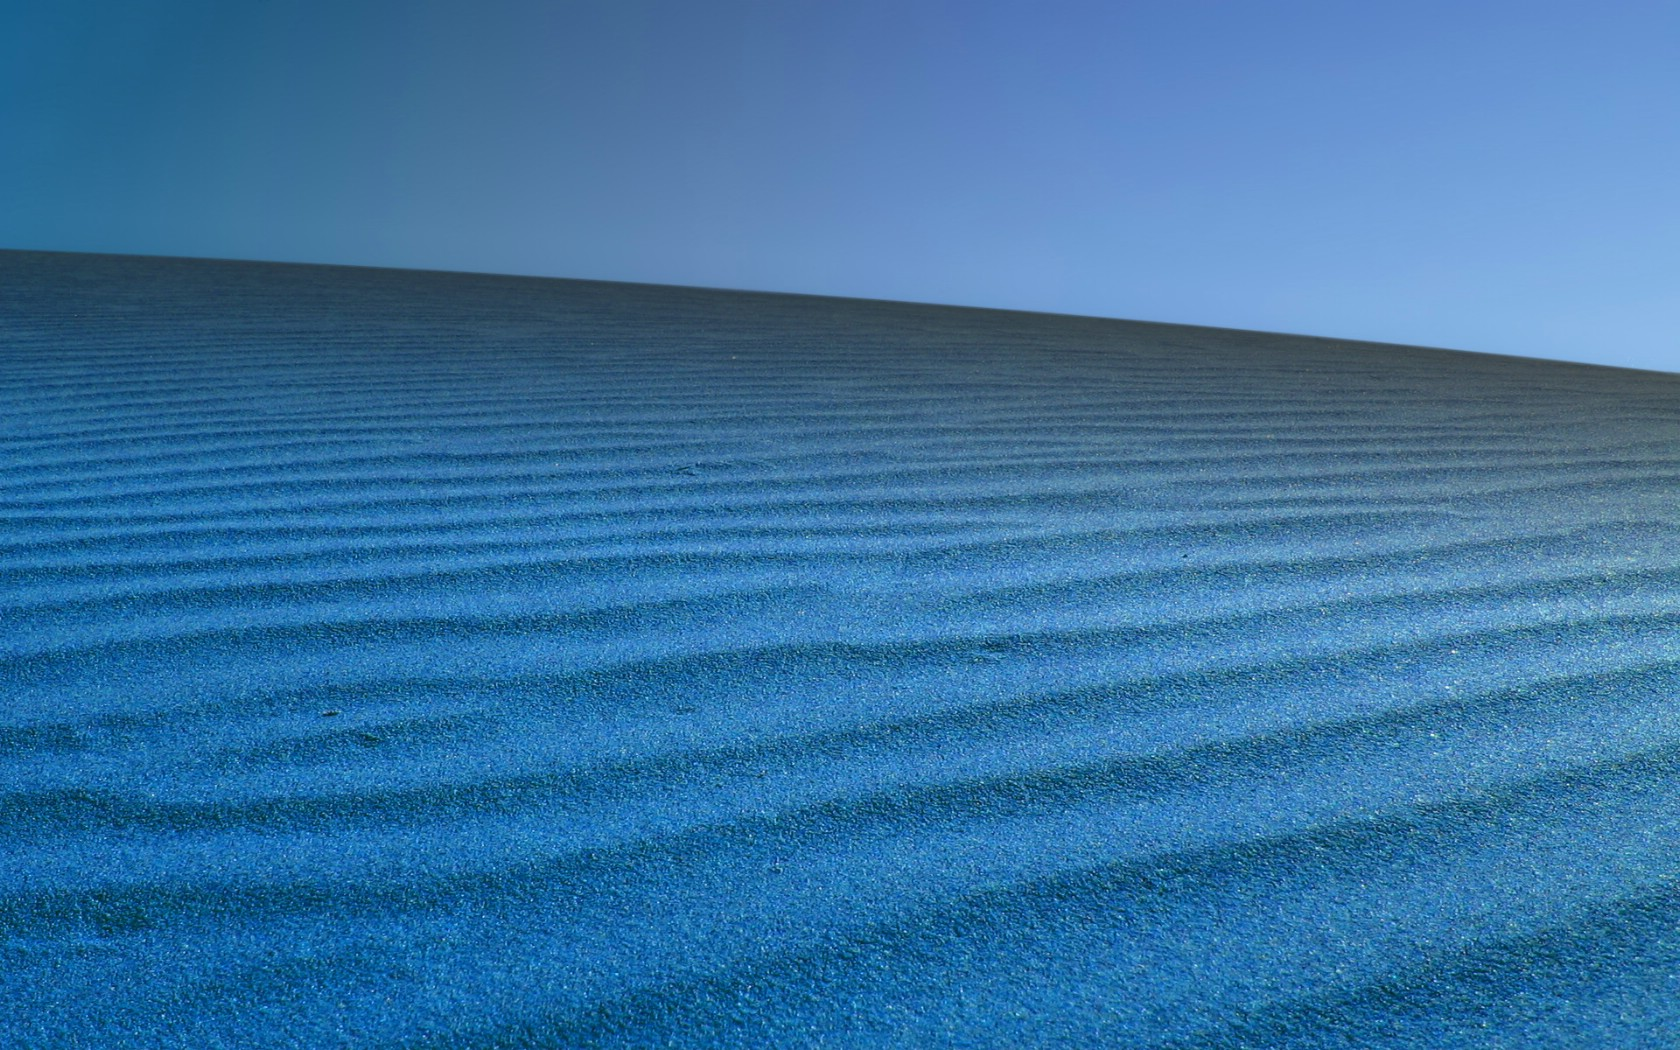 壁纸1680×1050全景摄影风光风景高清壁纸